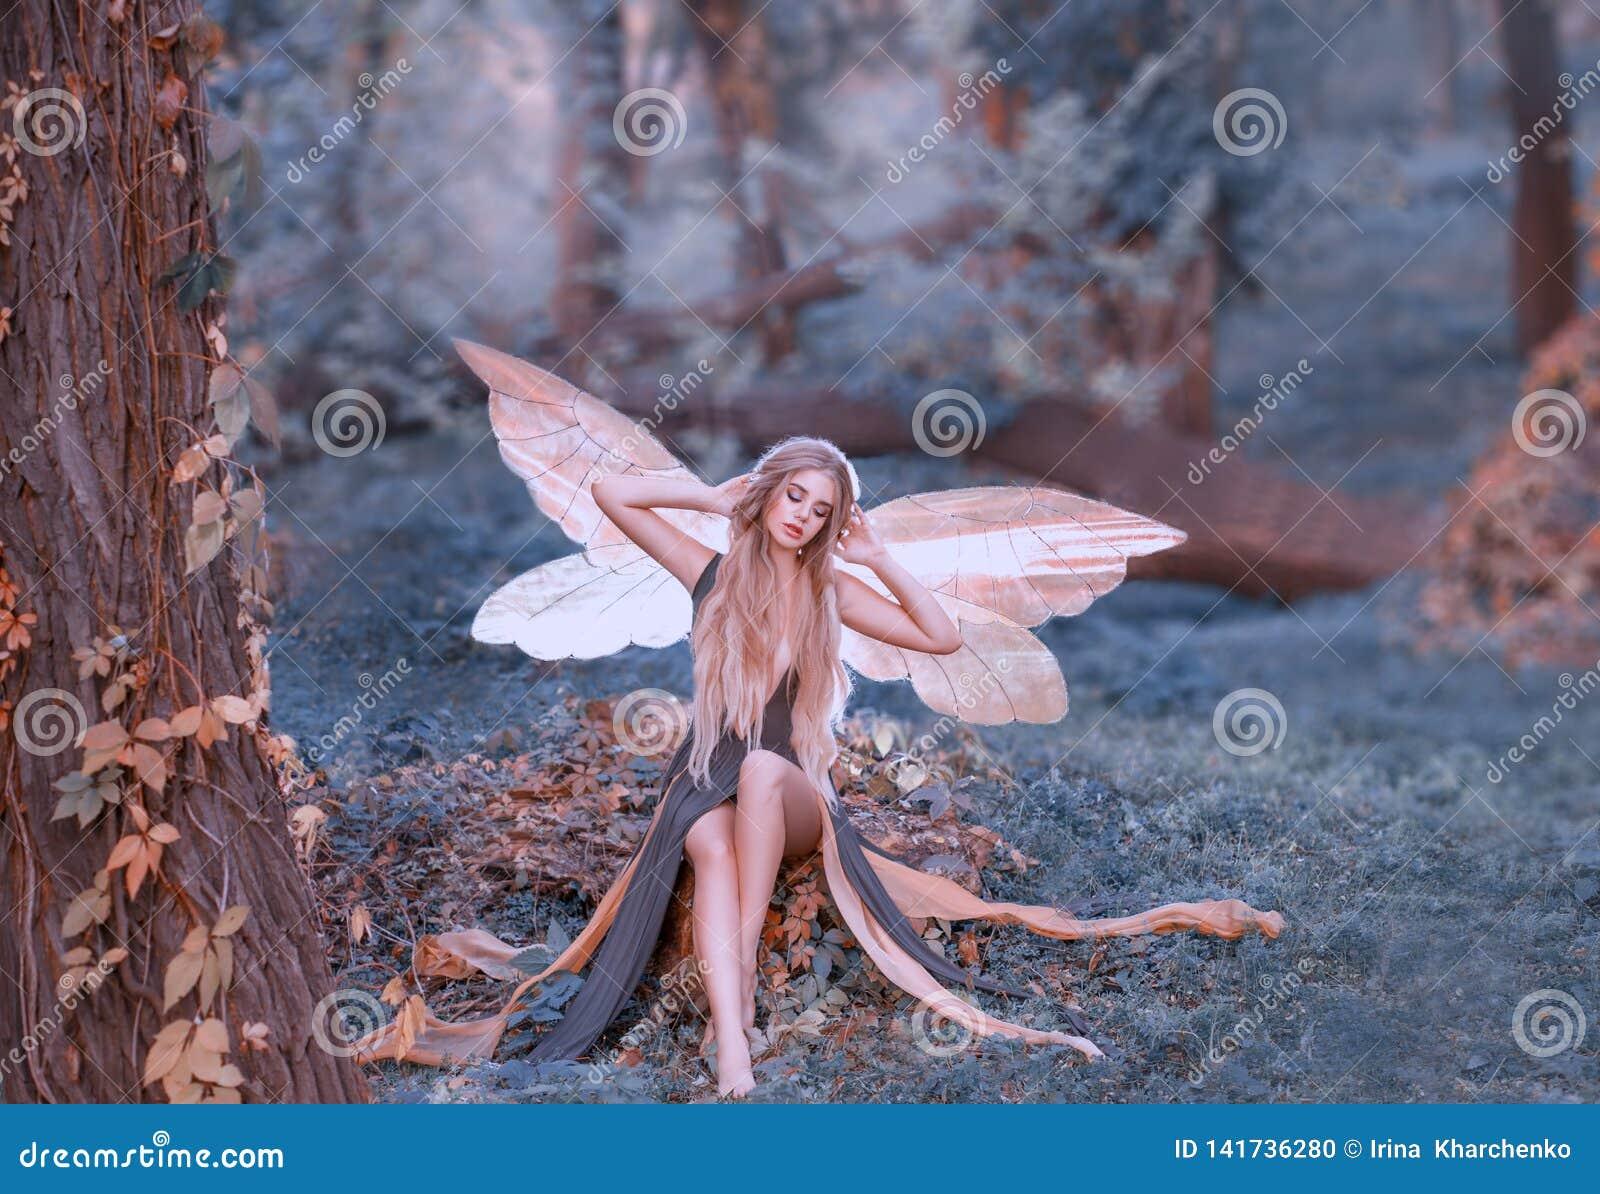 Η γοητευτική νεράιδα ξύπνησε στο δάσος, χαστουκίζει γλυκά μετά από τον ύπνο, κορίτσι συνθήματος με τα ξανθά μαλλιά, προσοχές ιδια